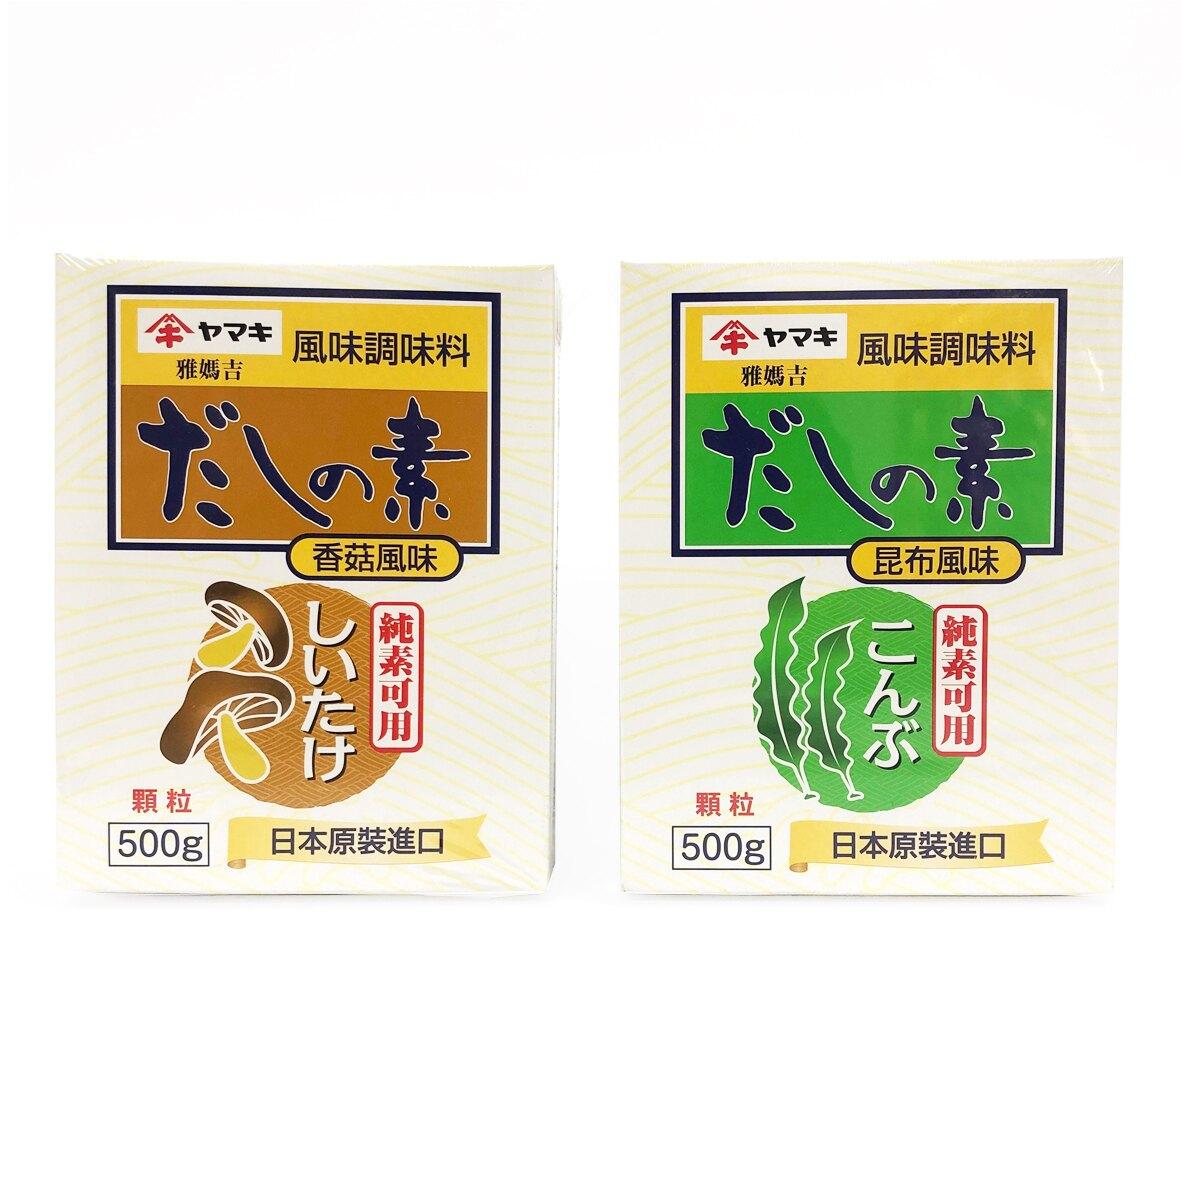 雅瑪吉YAMAKI 風味調味粉-香菇/昆布 500g